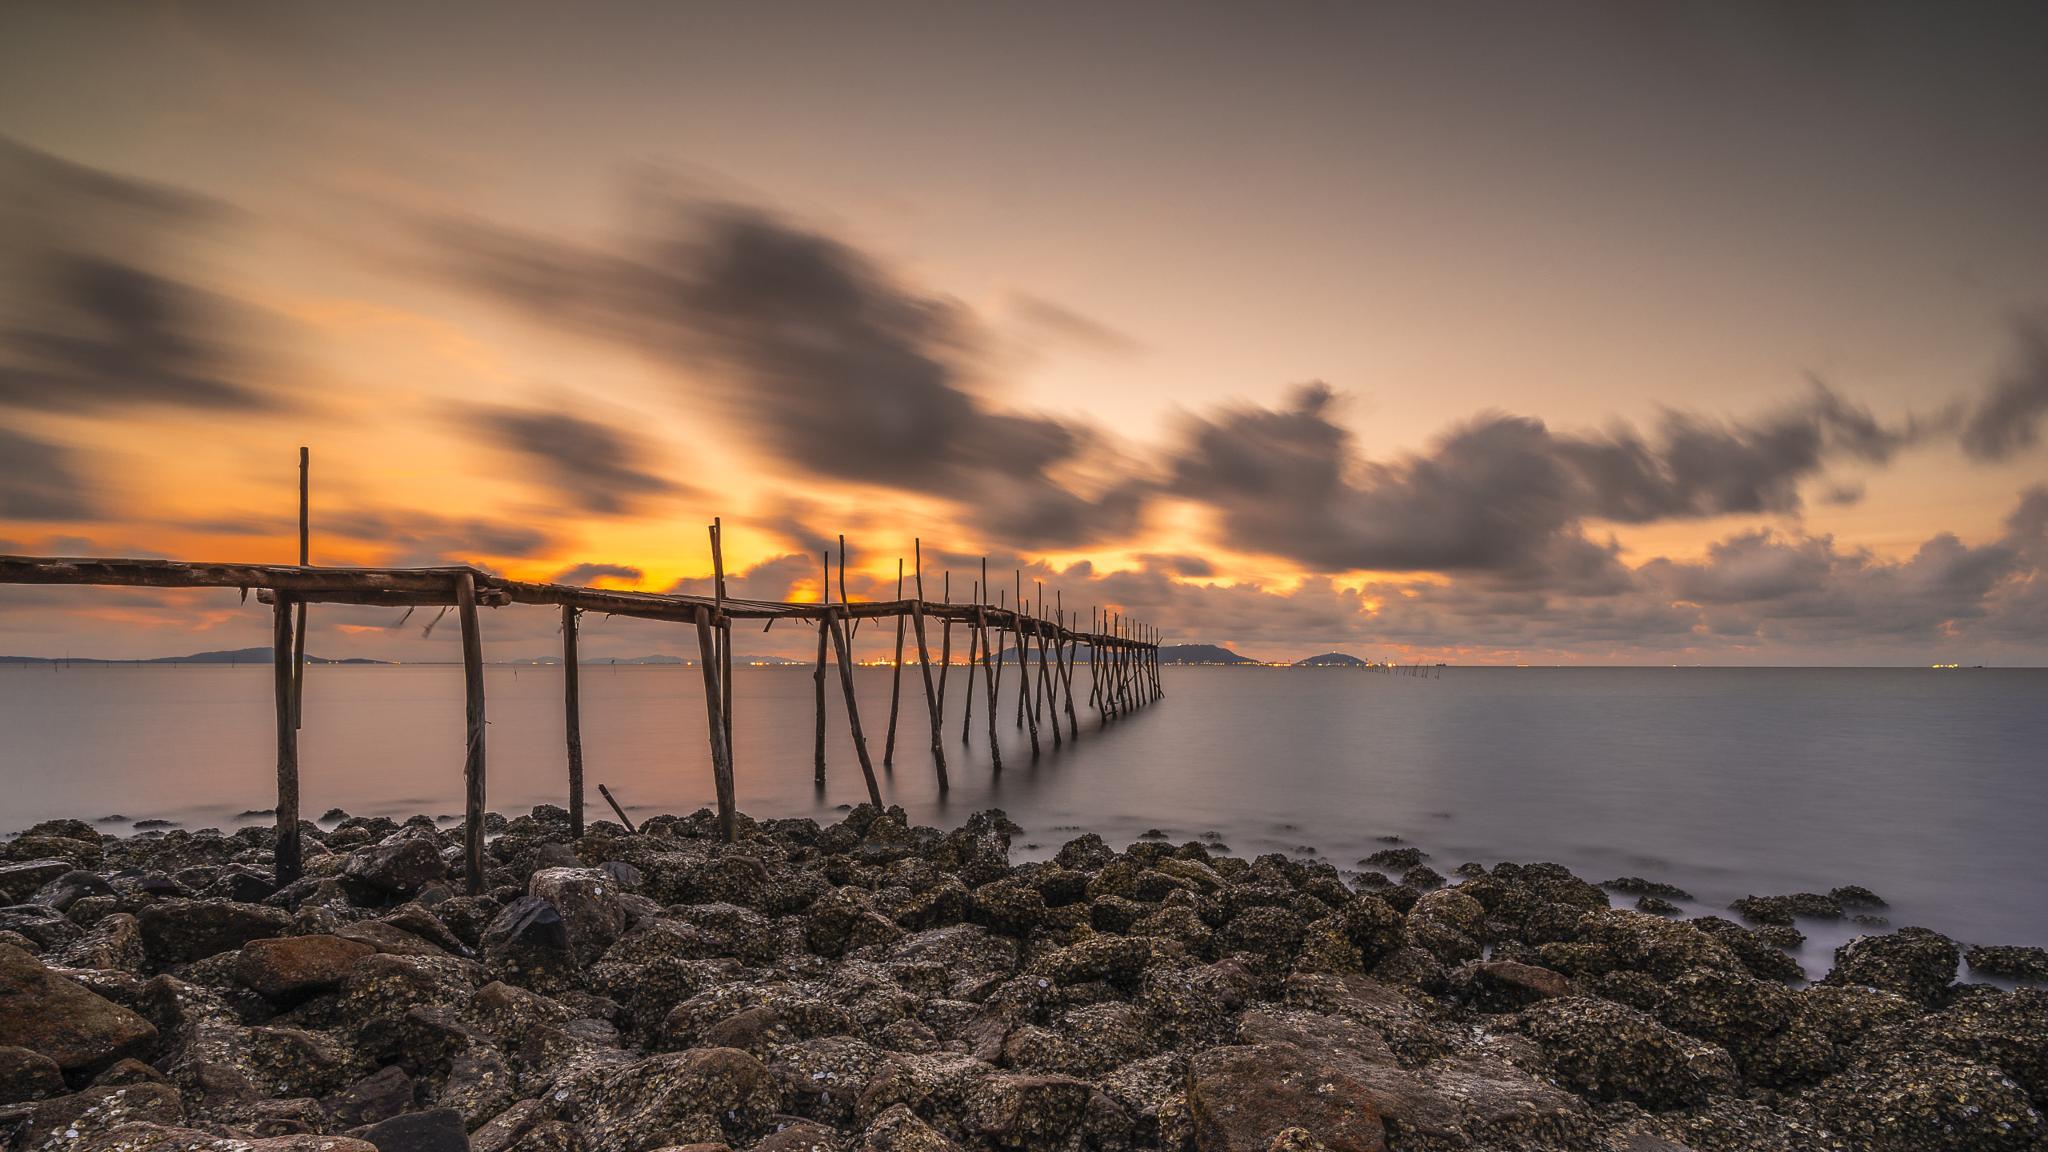 Sunrise on Can Gio beach by truonghaison